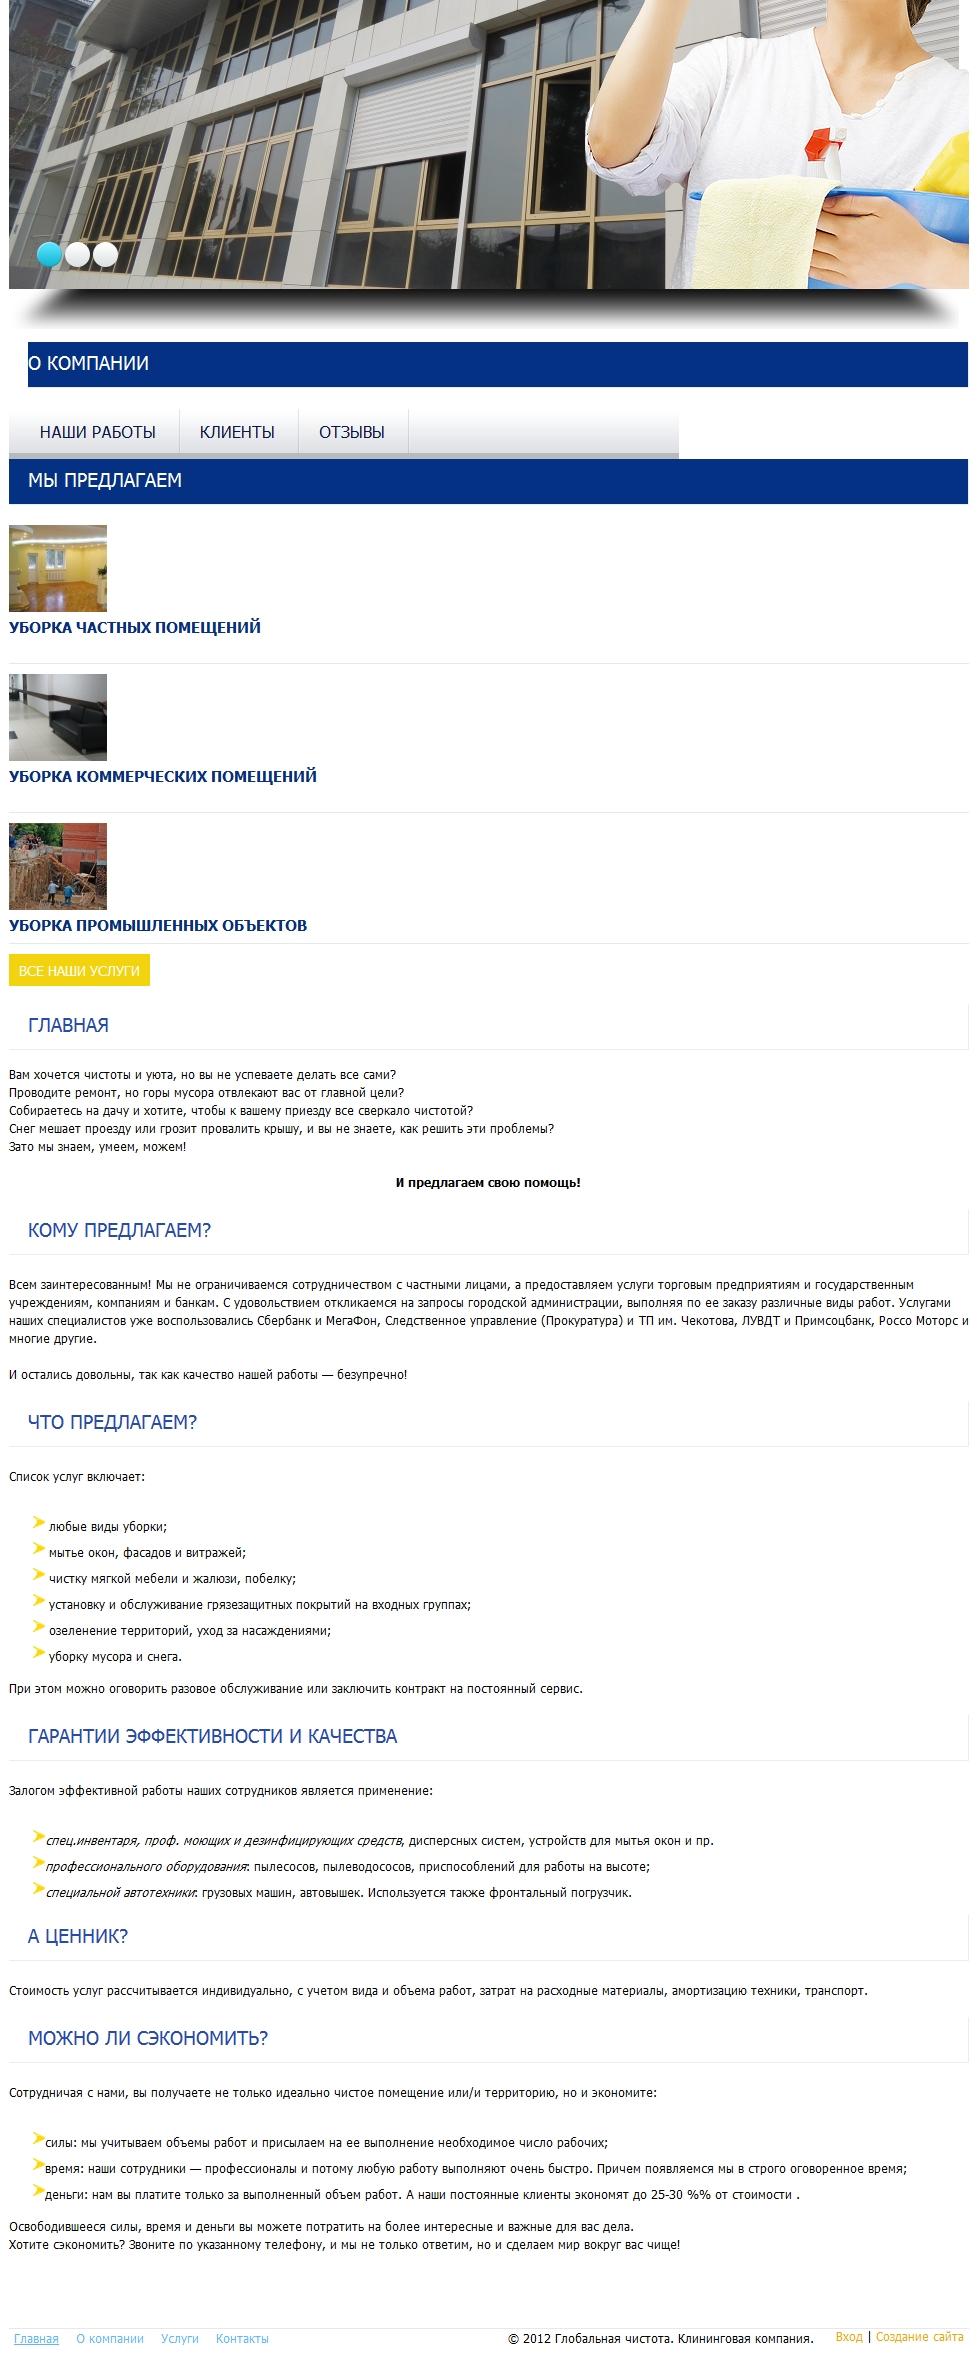 """Главная страница для клининговой компании """"Глобальная чистота"""""""